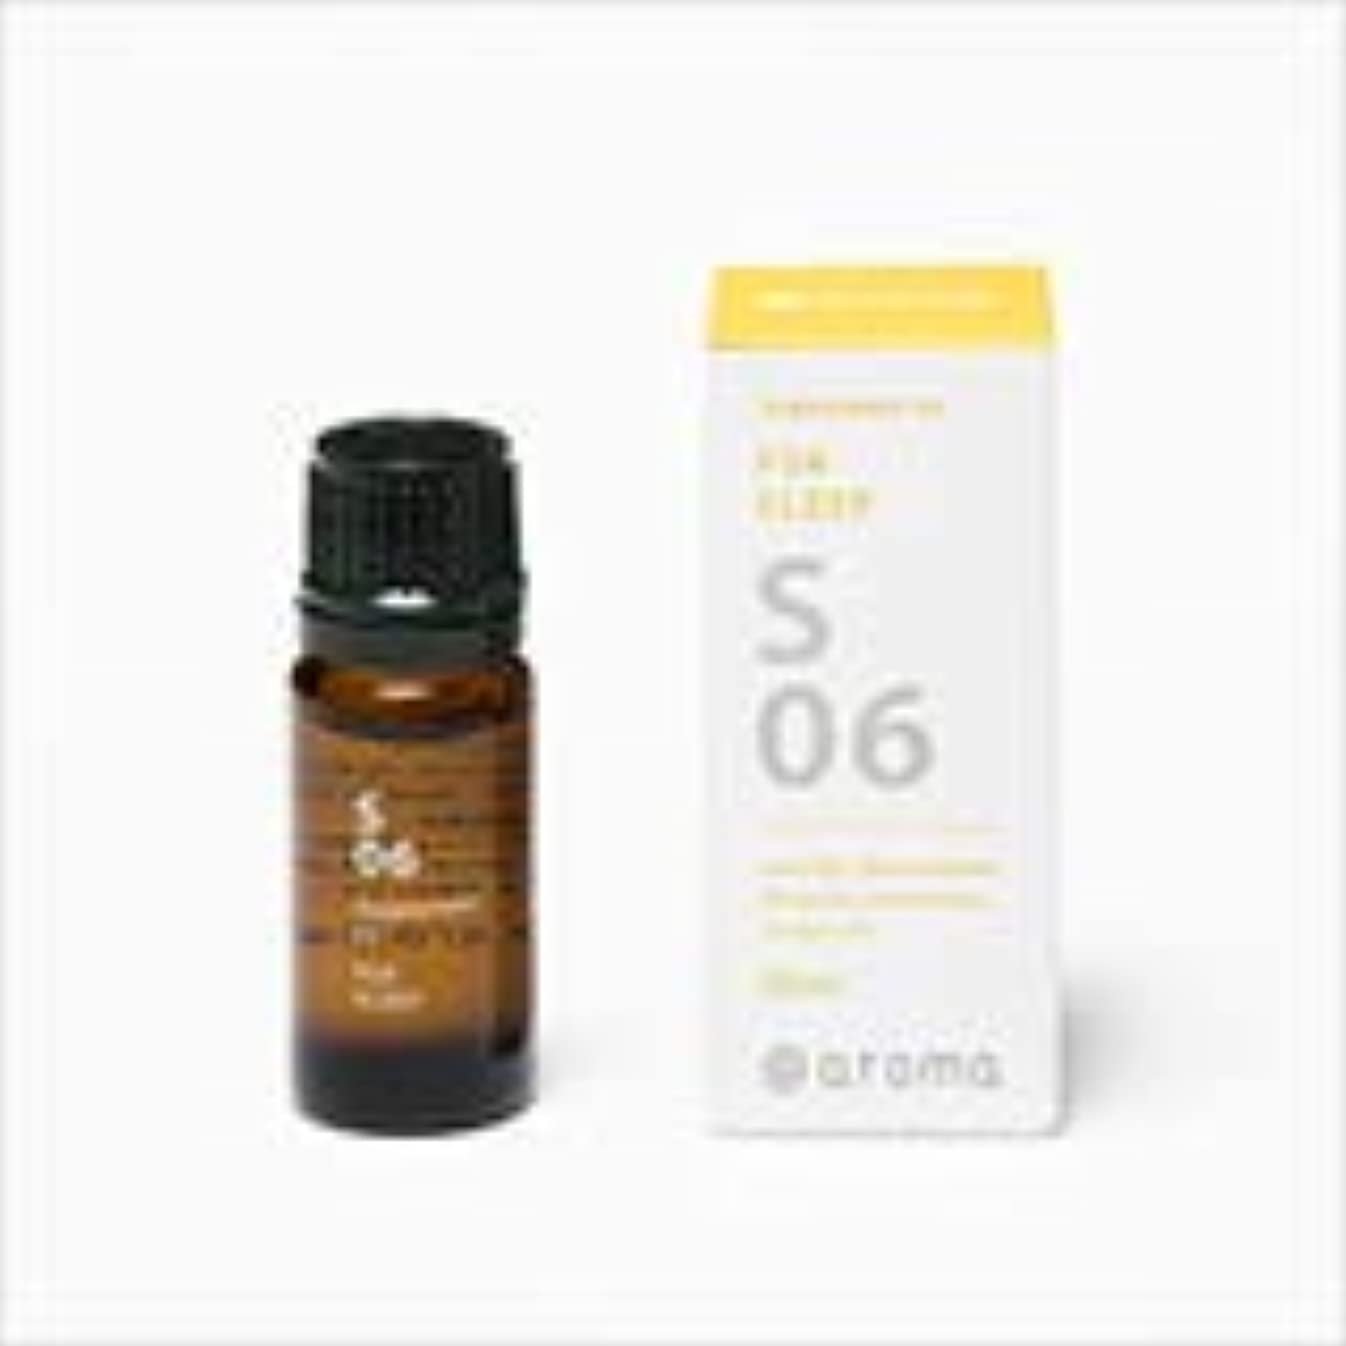 アドバイス援助するエンターテインメントアットアロマ 100%pure essential oil <Supplement air リフレッシュ>